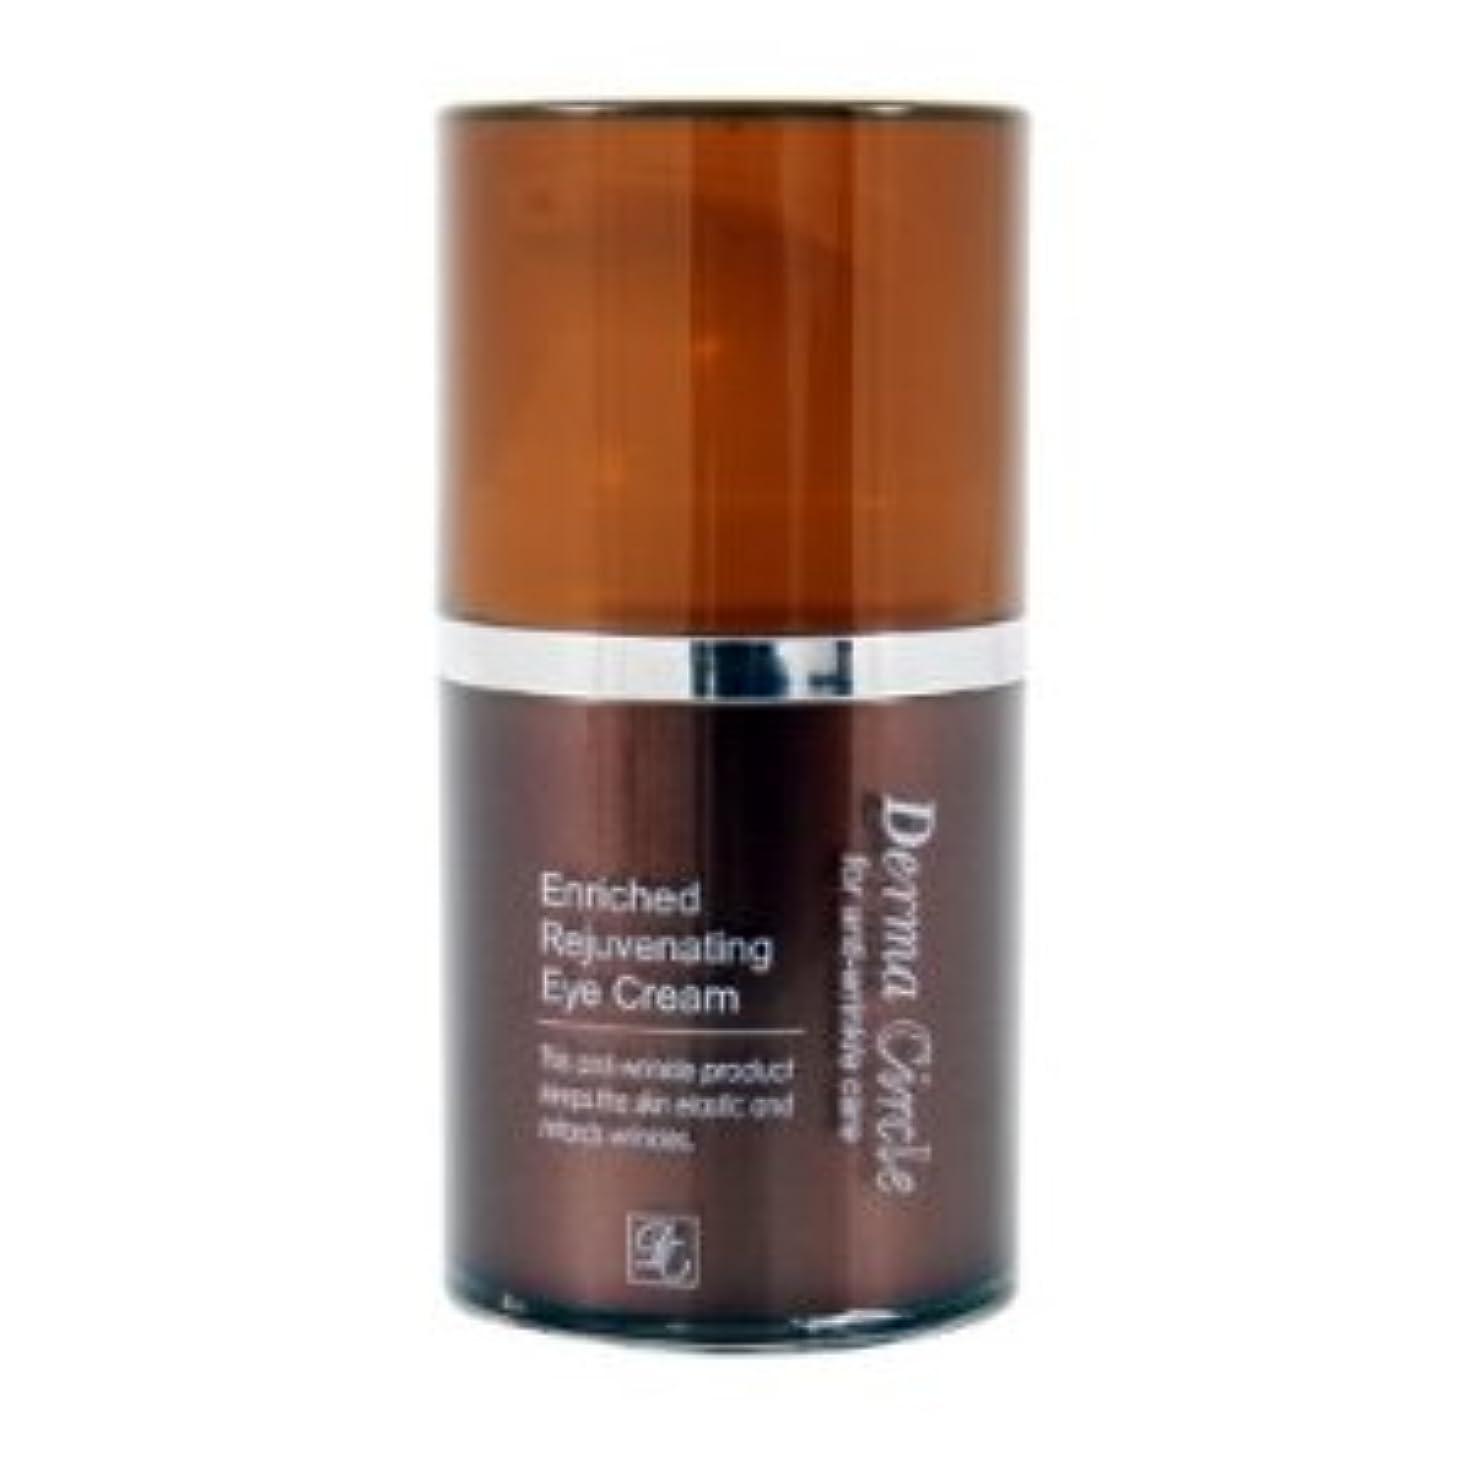 現実には引き付けるハンカチDerma Circle Rejuvenating Eye Cream ダーマサークルリジュベネーティングアイクリーム